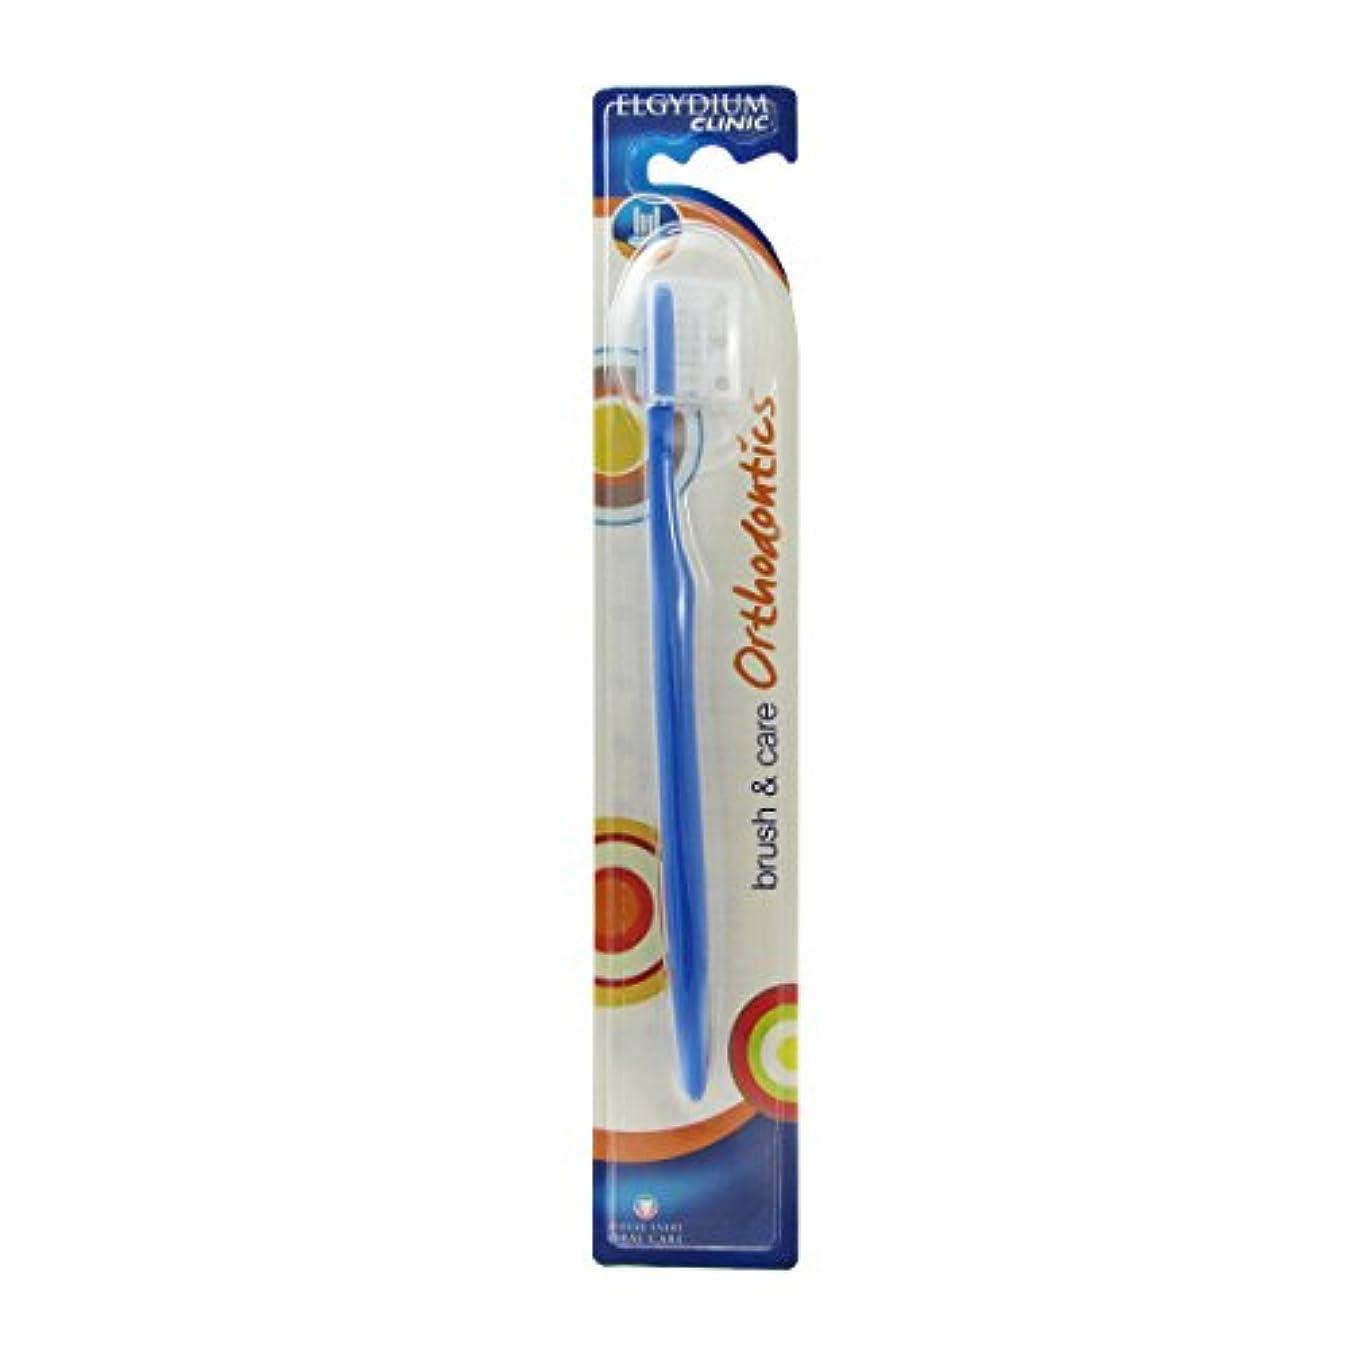 第二に不愉快拮抗するElgydium Clinic Orthodontics Orthodontic Medium Children Toothbrush [並行輸入品]